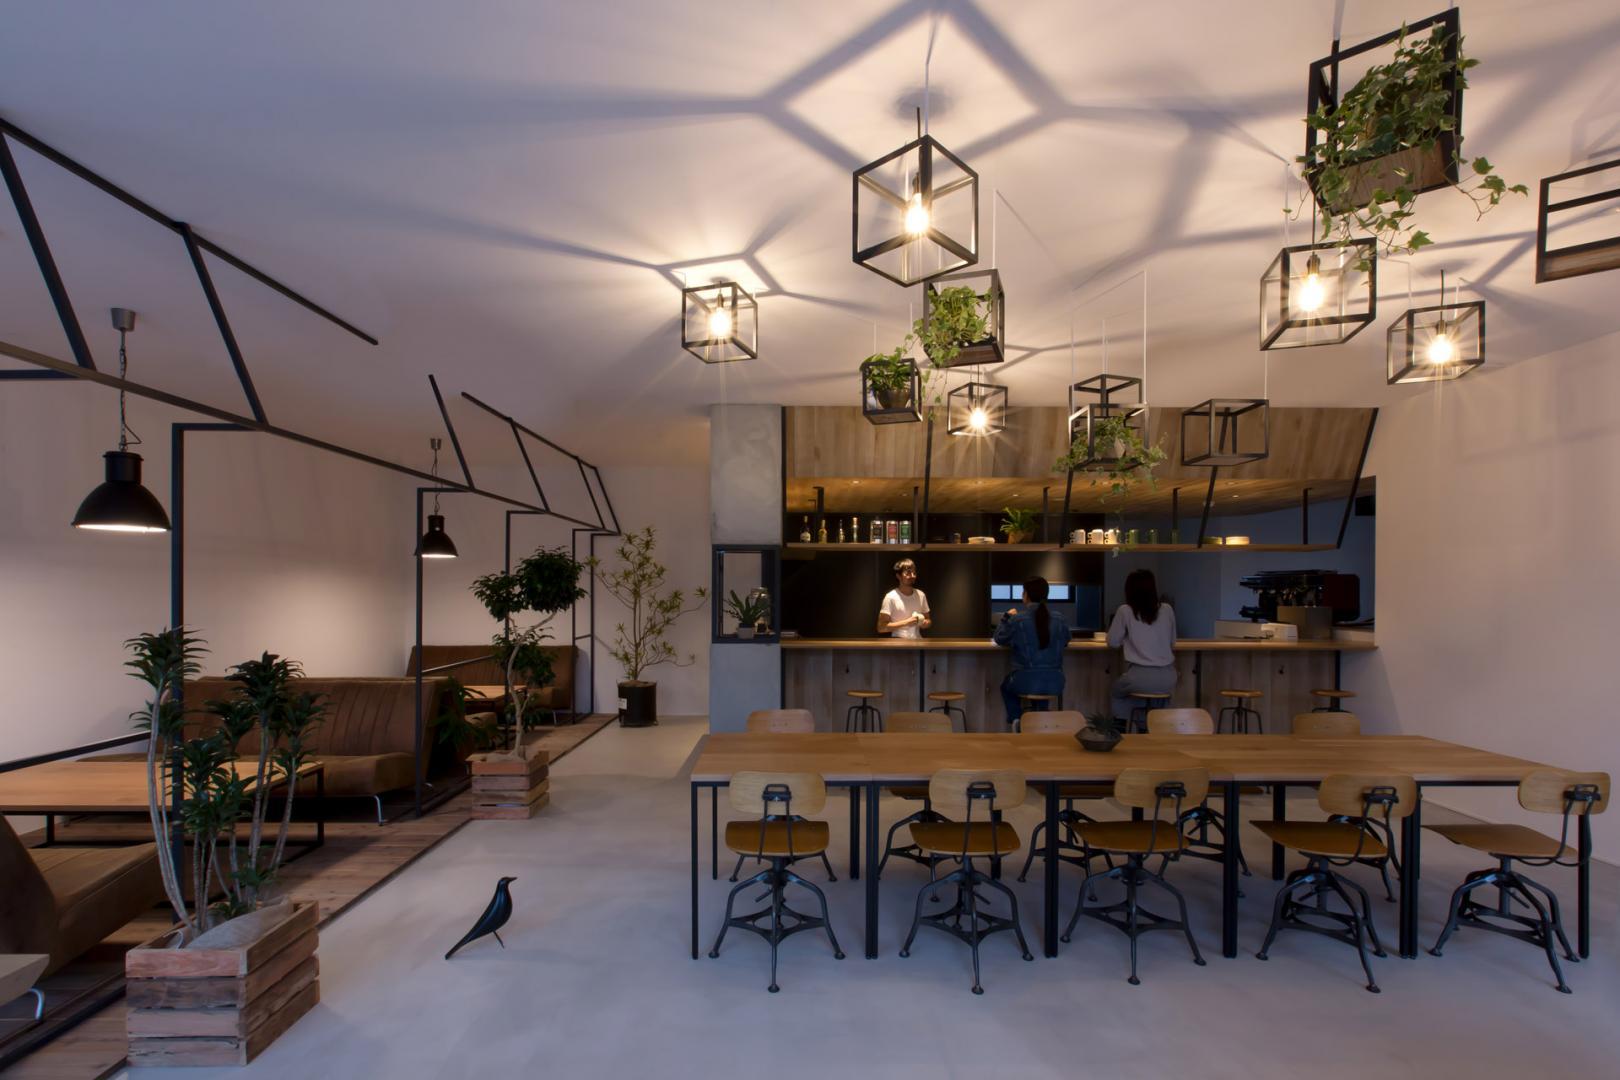 Parete Ferro E Vetro caffetteria in giappone: pareti in vetro per collegare